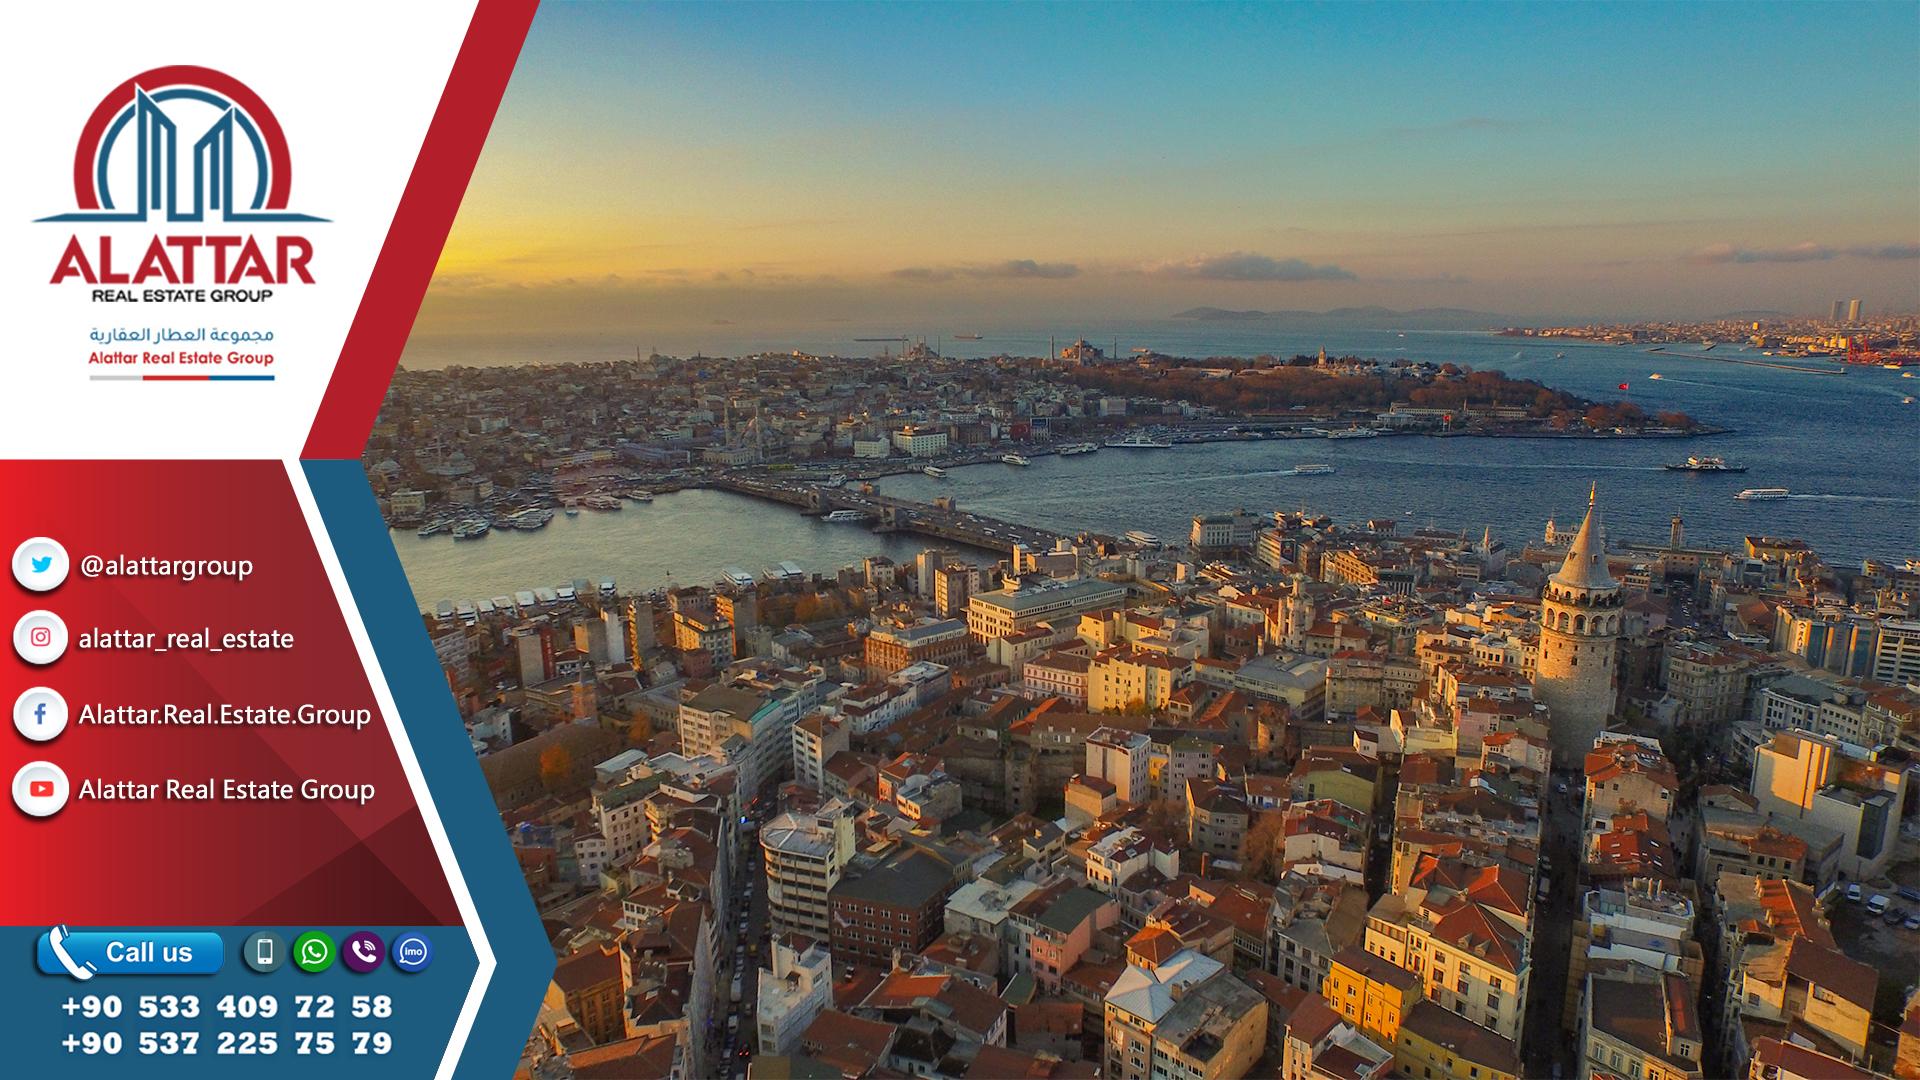 الأجانب يحطمون رقماً قياسياً في شراء العقارات فى تركيا بالنصف الأول من 2019